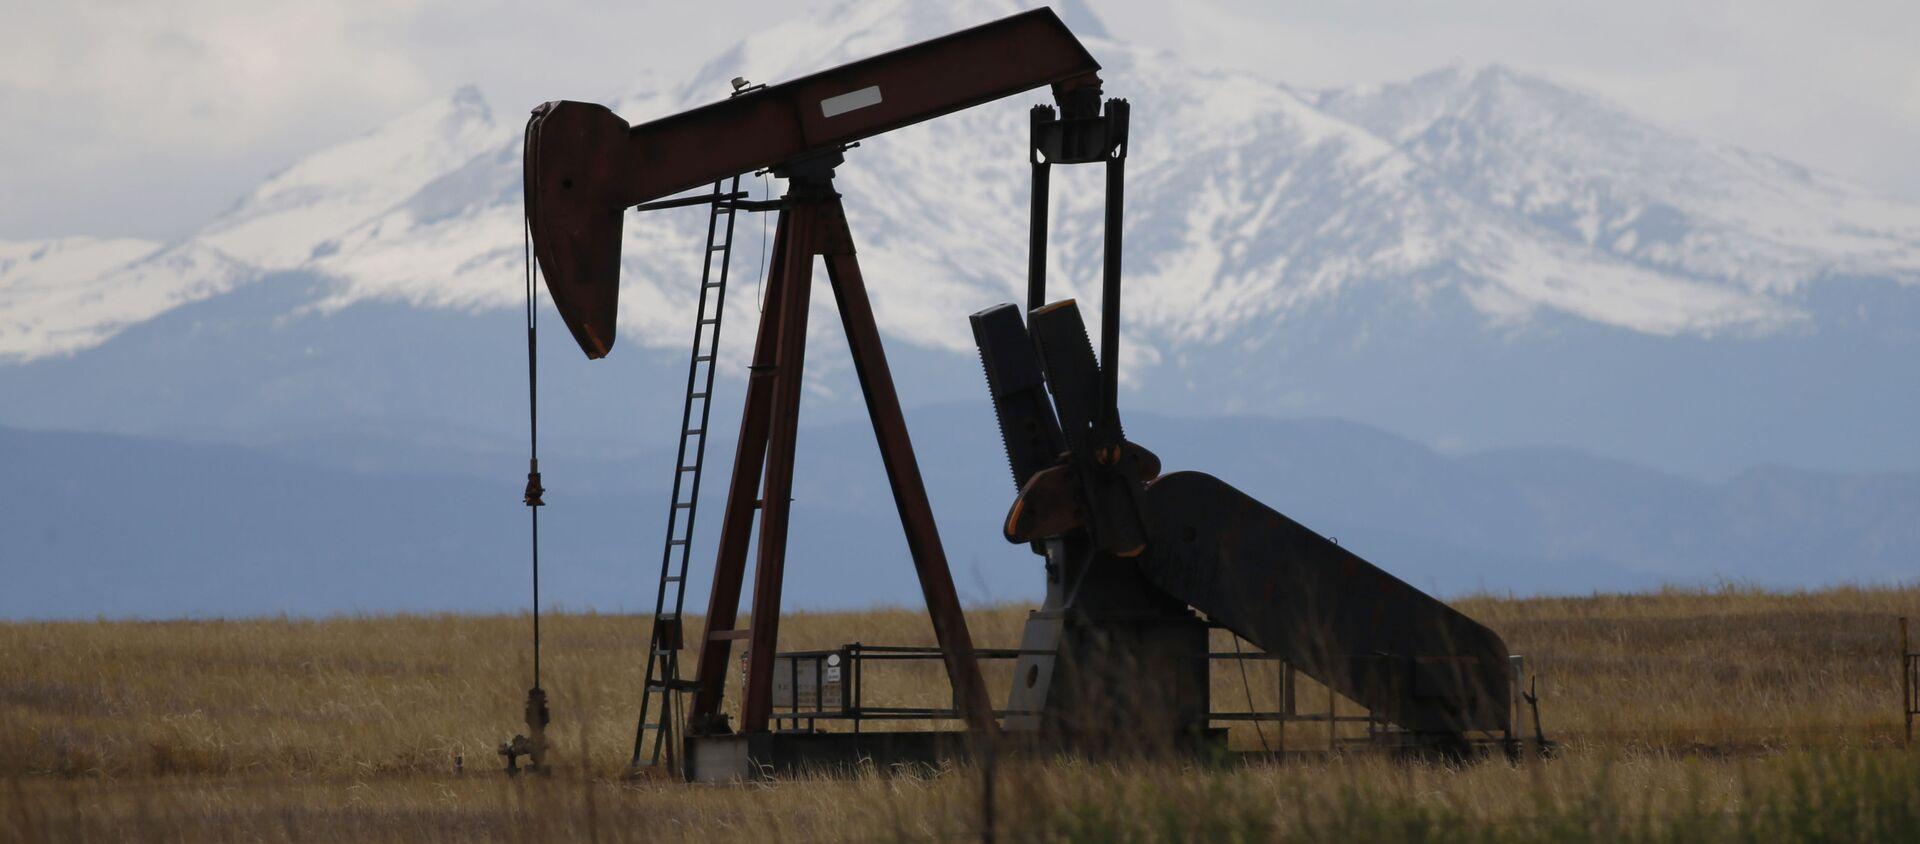 Добыча сланцевой нефти в Колорадо, США - Sputnik Абхазия, 1920, 14.09.2021